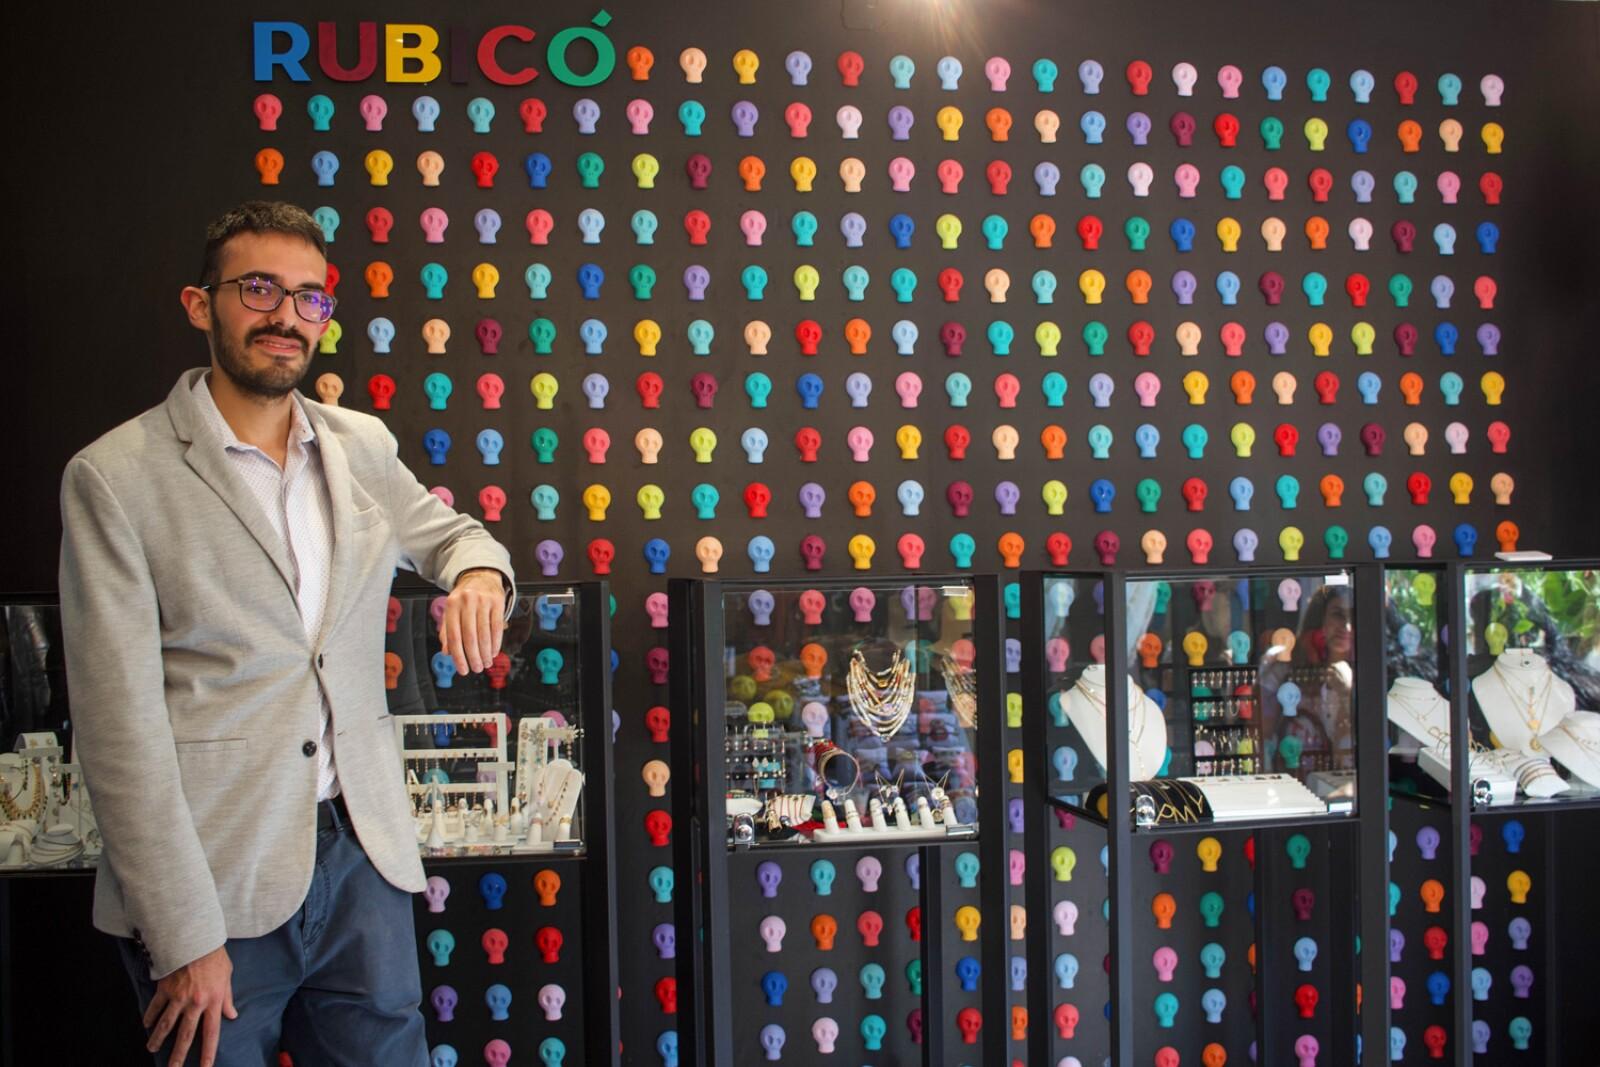 Jose Antonio Del Río Romero de la casa Rubicó.j 2.jpg